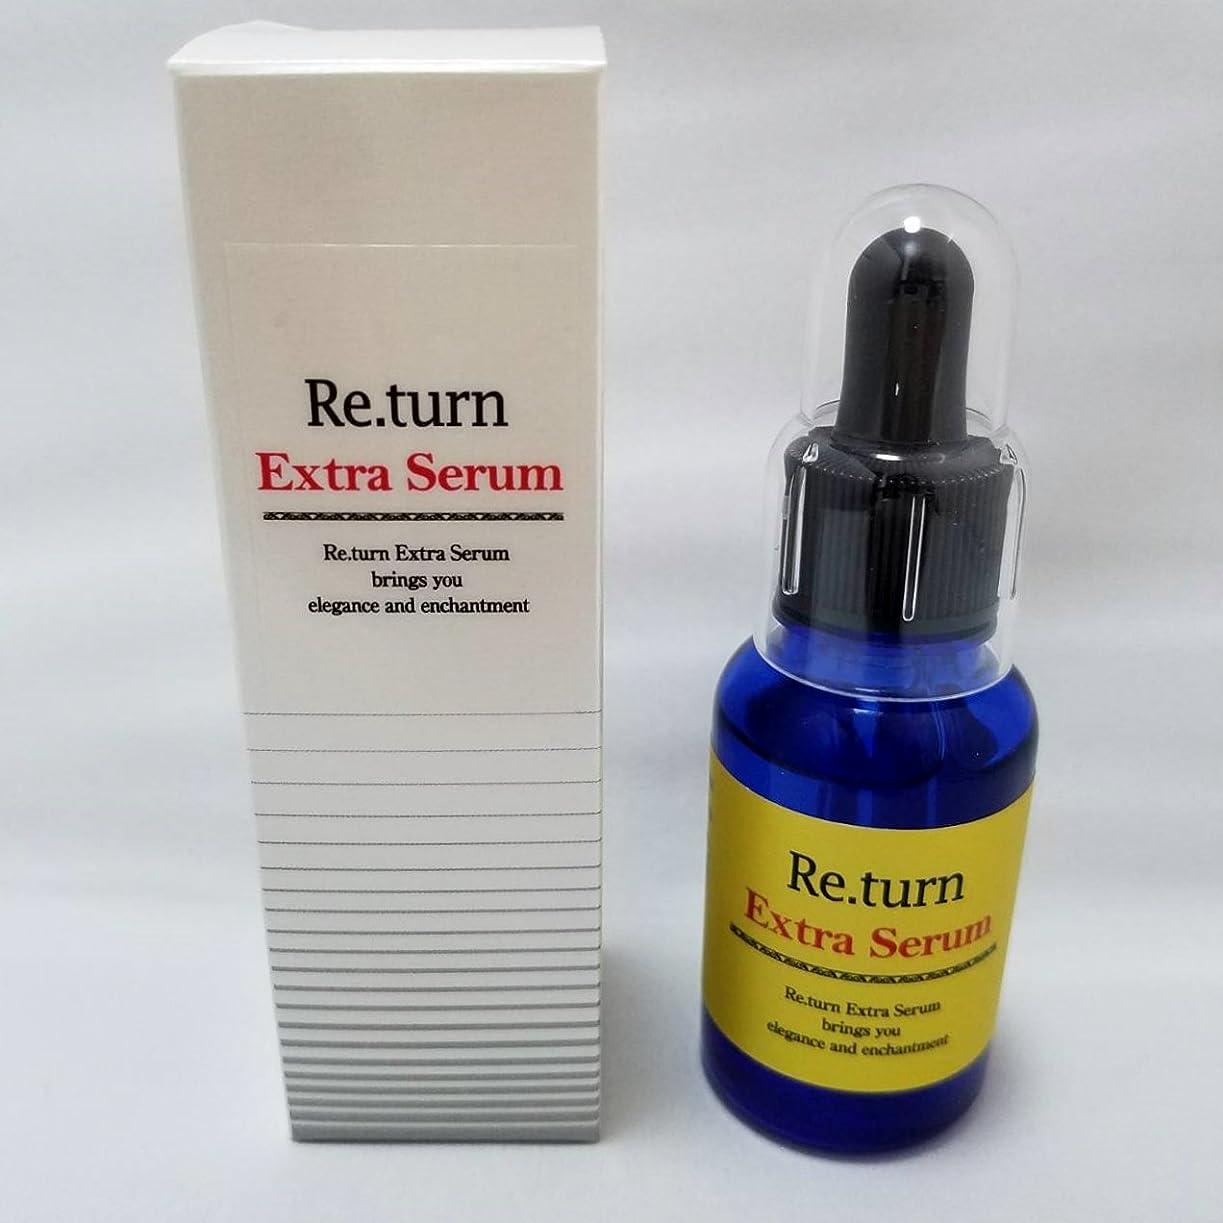 委任顔料魅力Re.turn 高濃度 SCCプレミアム エッセンス 30ml 幹細胞 美容液 ヒト幹細胞+馬プラセンタ リターン 美容液